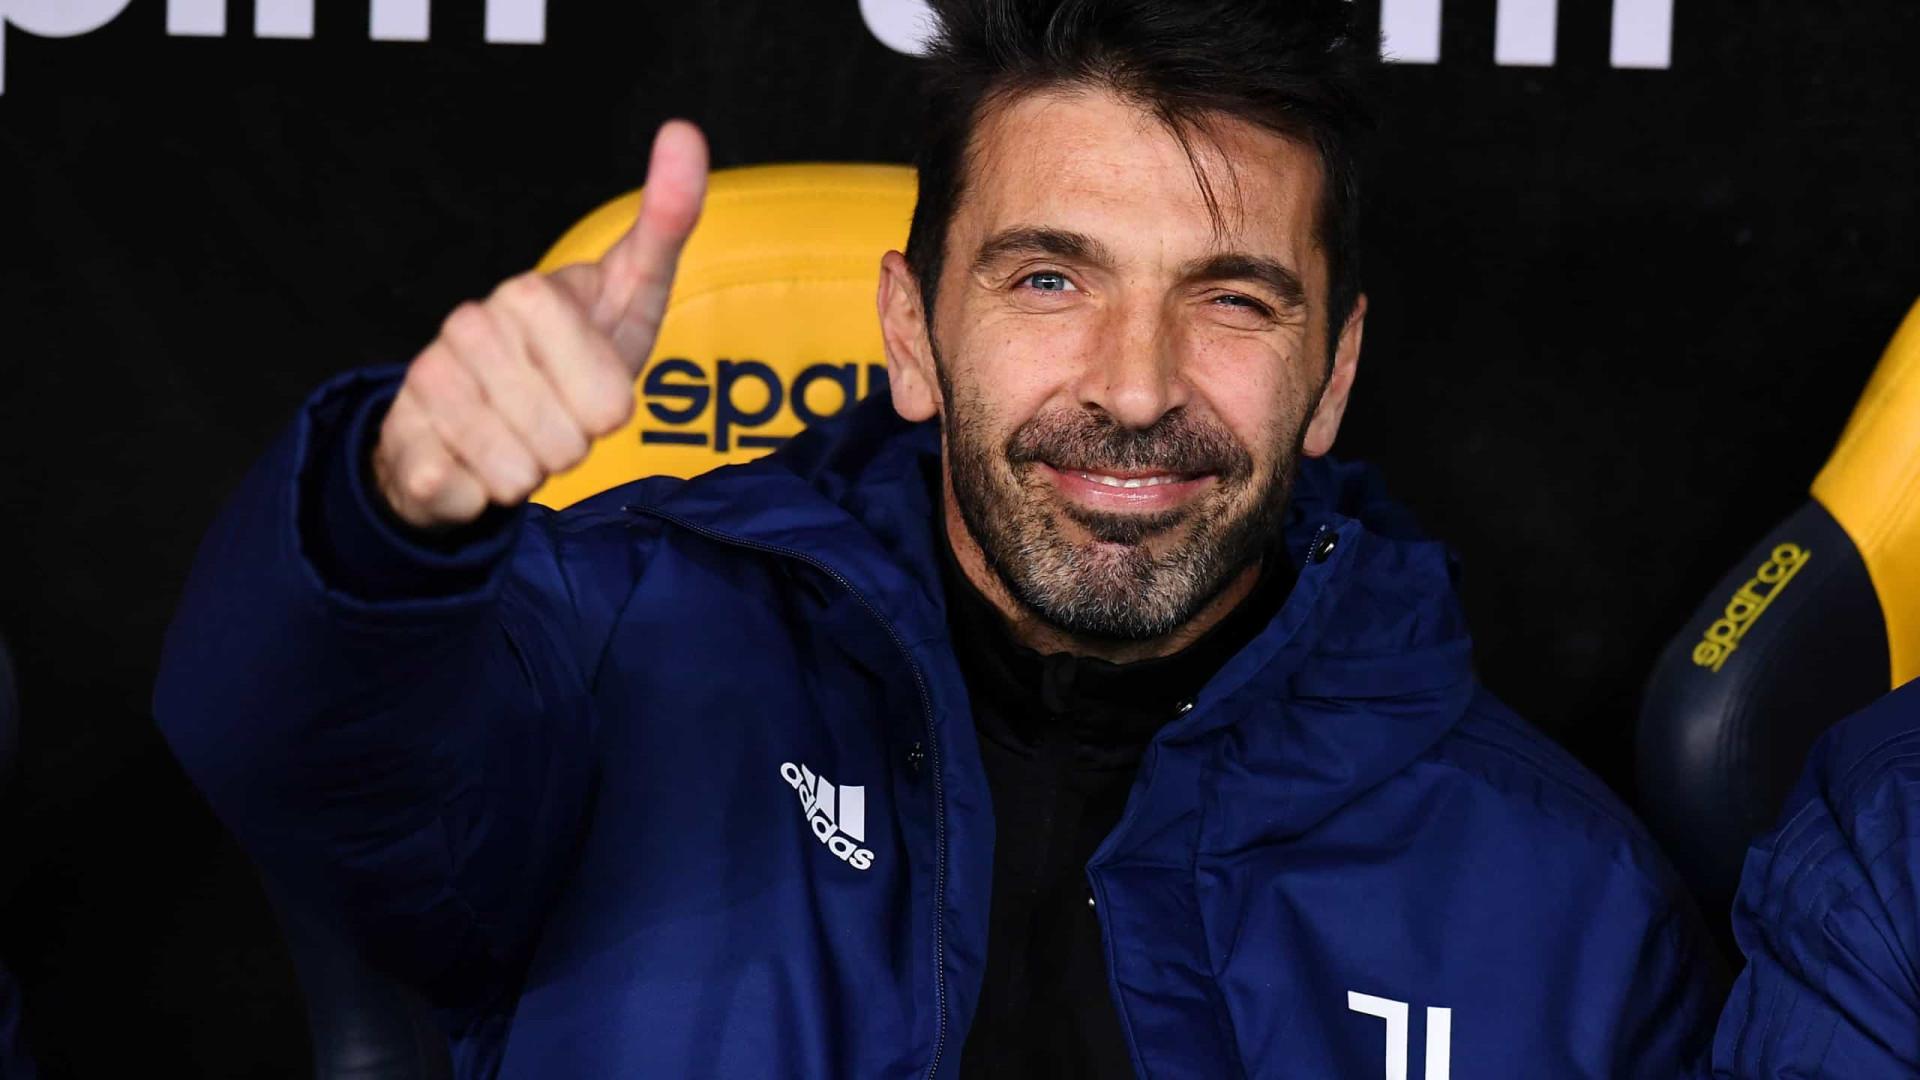 Aos 43 anos, Buffon estabelece 2023 como limite para se aposentar do futebol